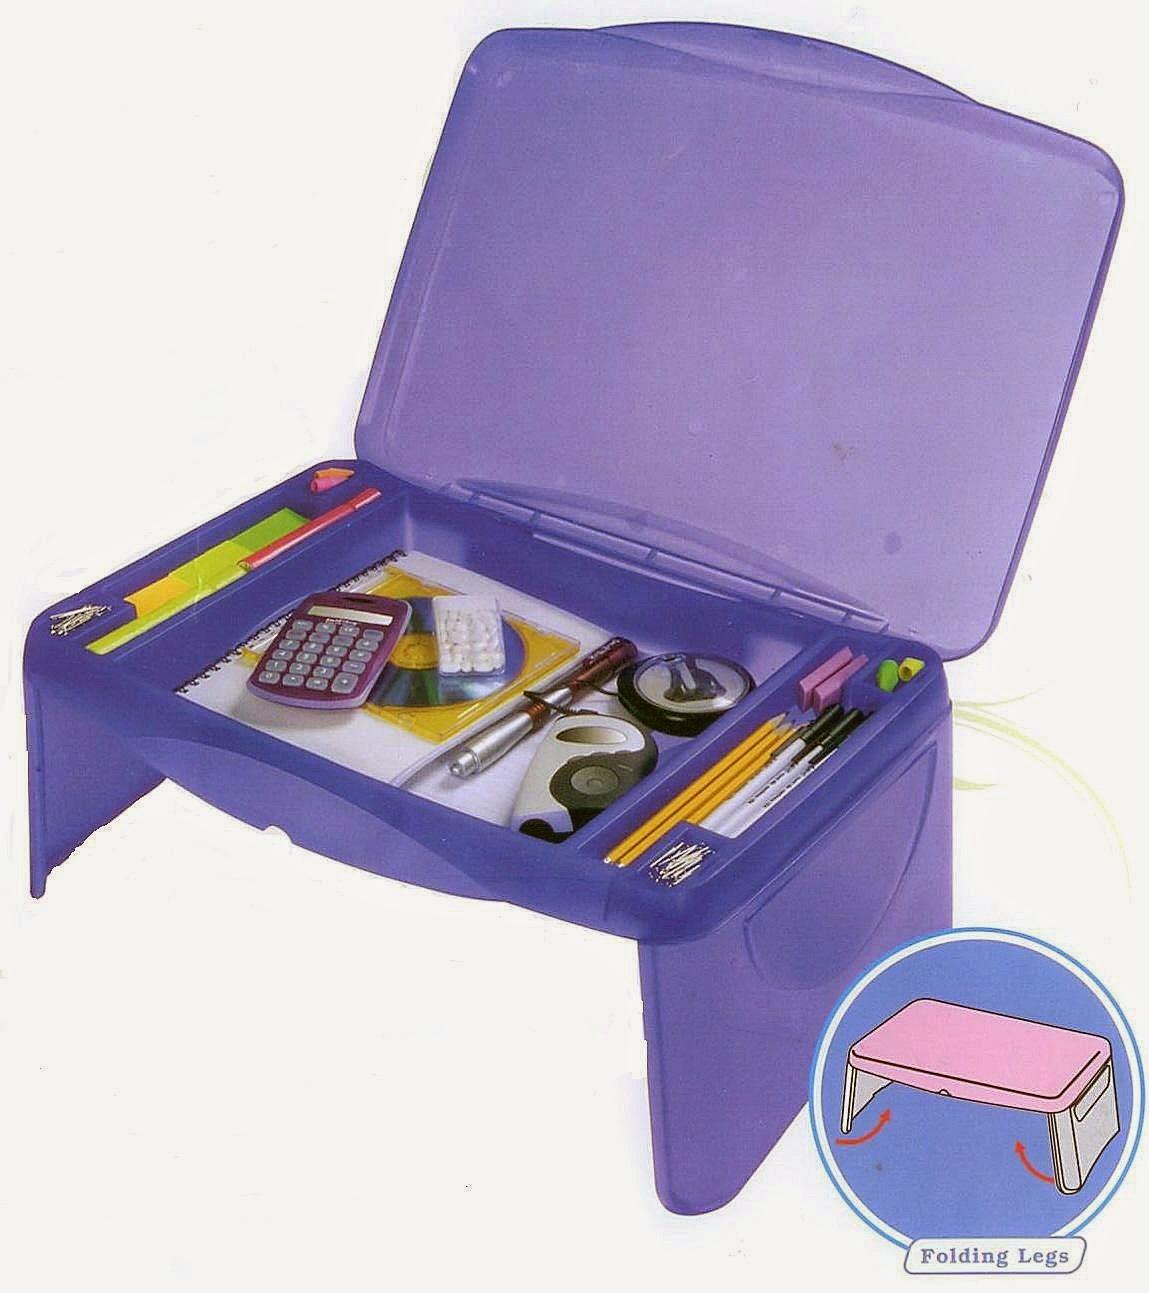 Folding Kids Lap Desk With Storage - Best Lap Desk: Kids Lap Desk